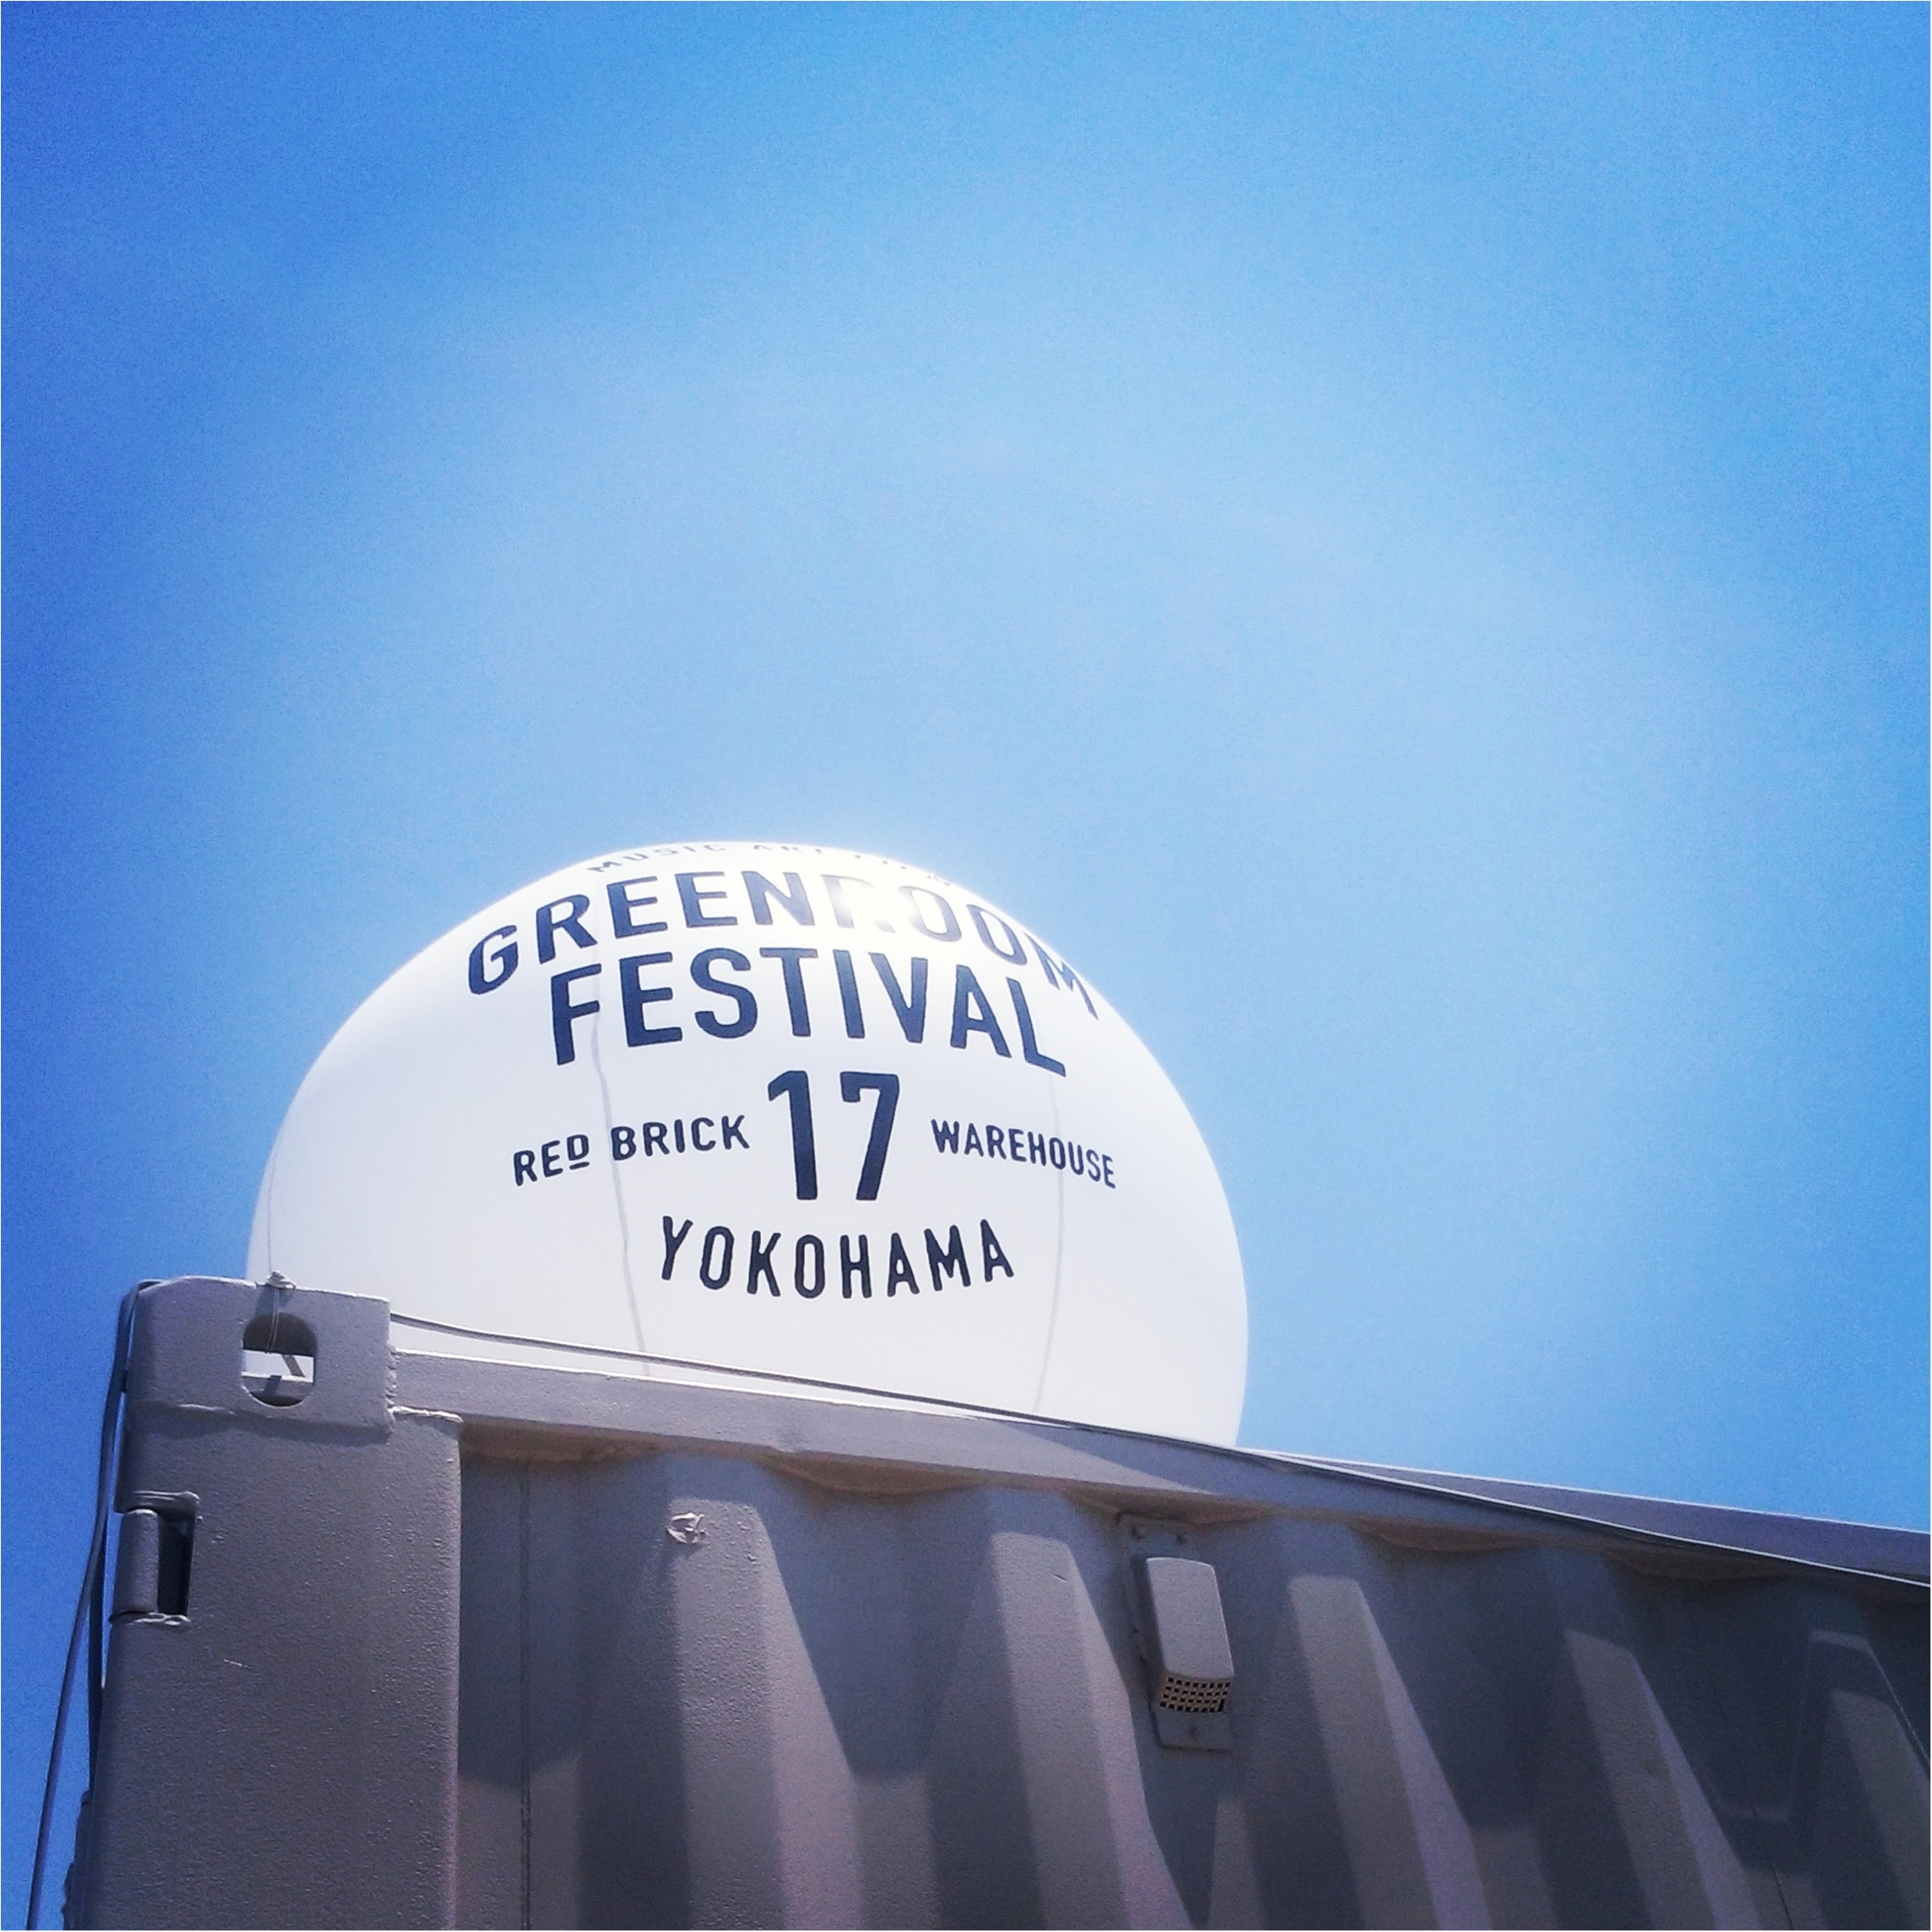 【今日、明日開催】横浜赤レンガ倉庫、グリーンルームフェスティバル!_1